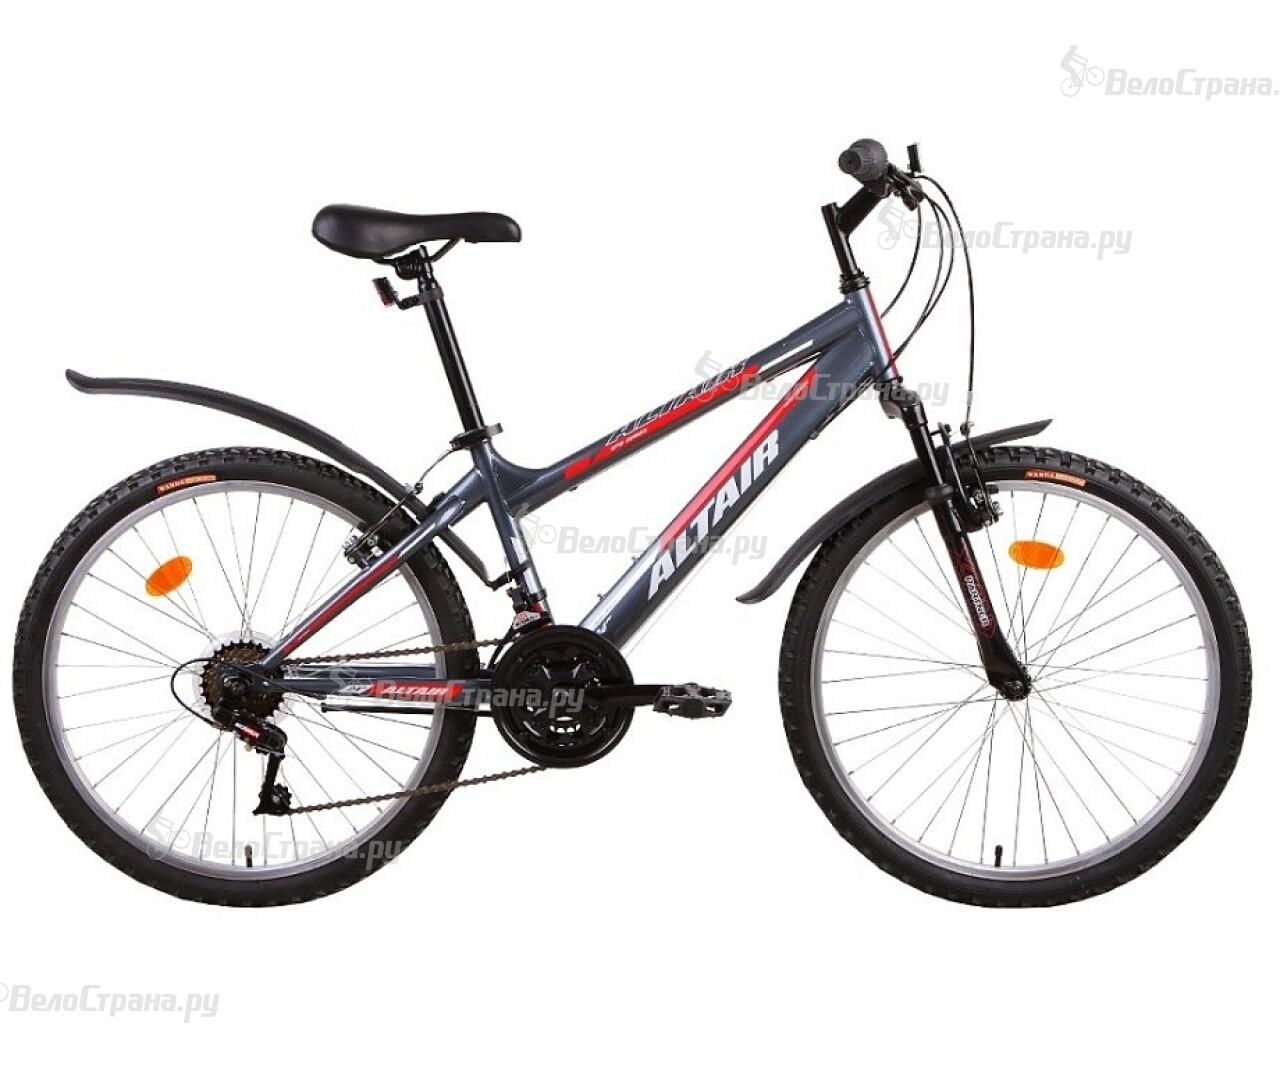 Велосипед Forward Altair MTB HT Junior 24 (2014) велосипед forward valencia 1 0 24 2016